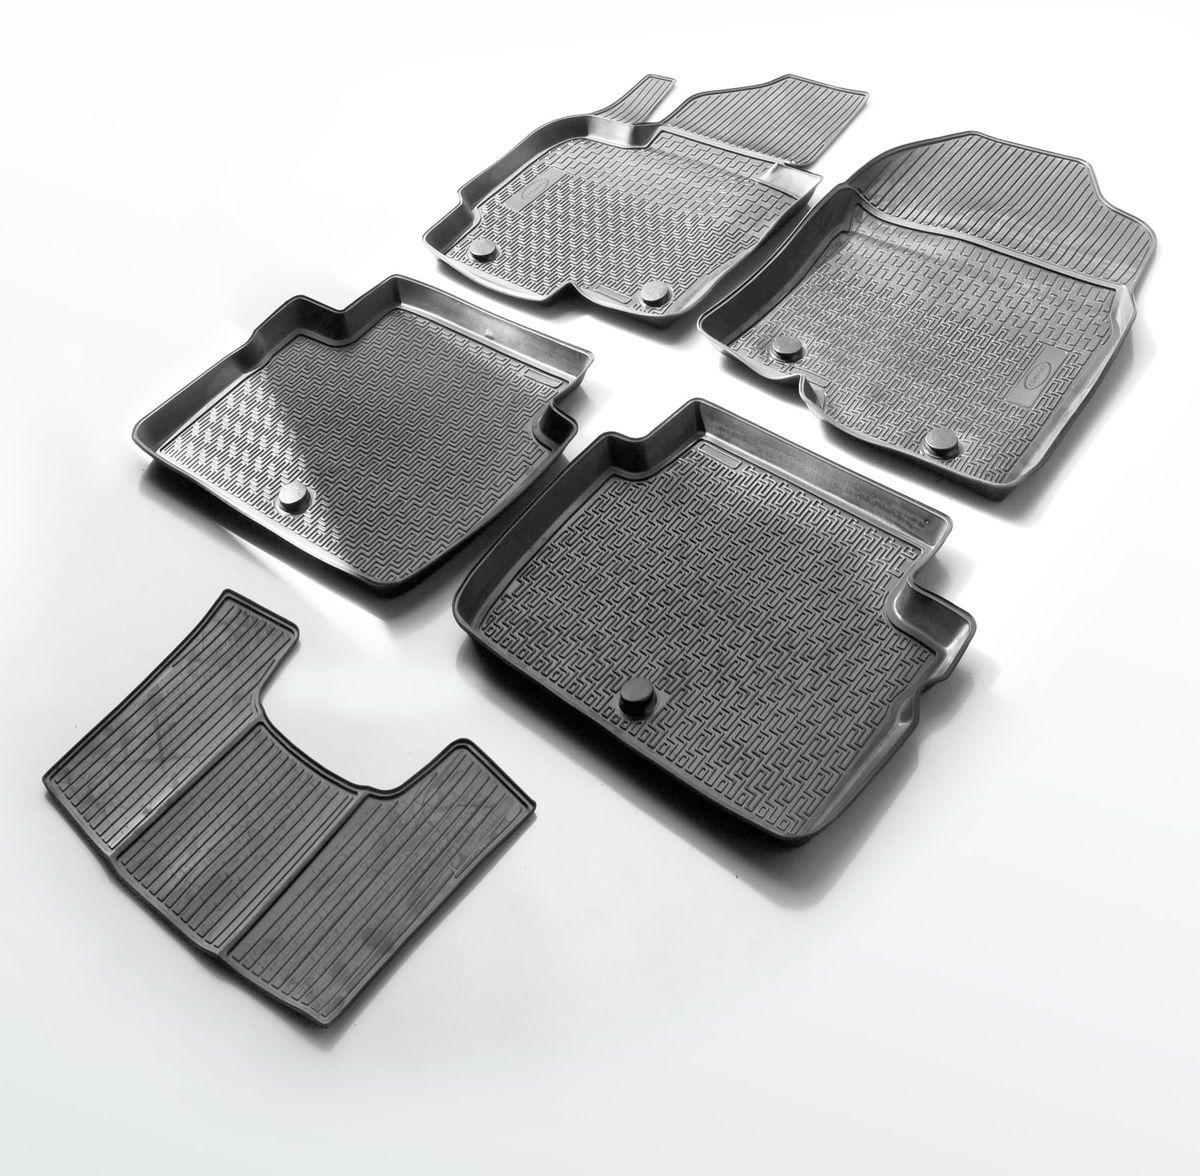 Коврики салона Rival для Nissan Qashqai (российская сборка) 2015-, c перемычкой, полиуретан14703001Прочные и долговечные коврики Rival в салон автомобиля, изготовлены из высококачественного и экологичного сырья. Коврики полностью повторяют геометрию салона вашего автомобиля. - Надежная система крепления, позволяющая закрепить коврик на штатные элементы фиксации, в результате чего отсутствует эффект скольжения по салону автомобиля.- Высокая стойкость поверхности к стиранию.- Специализированный рисунок и высокий борт, препятствующие распространению грязи и жидкости по поверхности коврика.- Перемычка задних ковриков в комплекте предотвращает загрязнение тоннеля карданного вала.- Коврики произведены из первичных материалов, в результате чего отсутствует неприятный запах в салоне автомобиля.- Высокая эластичность, можно беспрепятственно эксплуатировать при температуре от -45°C до +45°C. Уважаемые клиенты! Обращаем ваше внимание, что коврики имеют форму, соответствующую модели данного автомобиля. Фото служит для визуального восприятия товара.